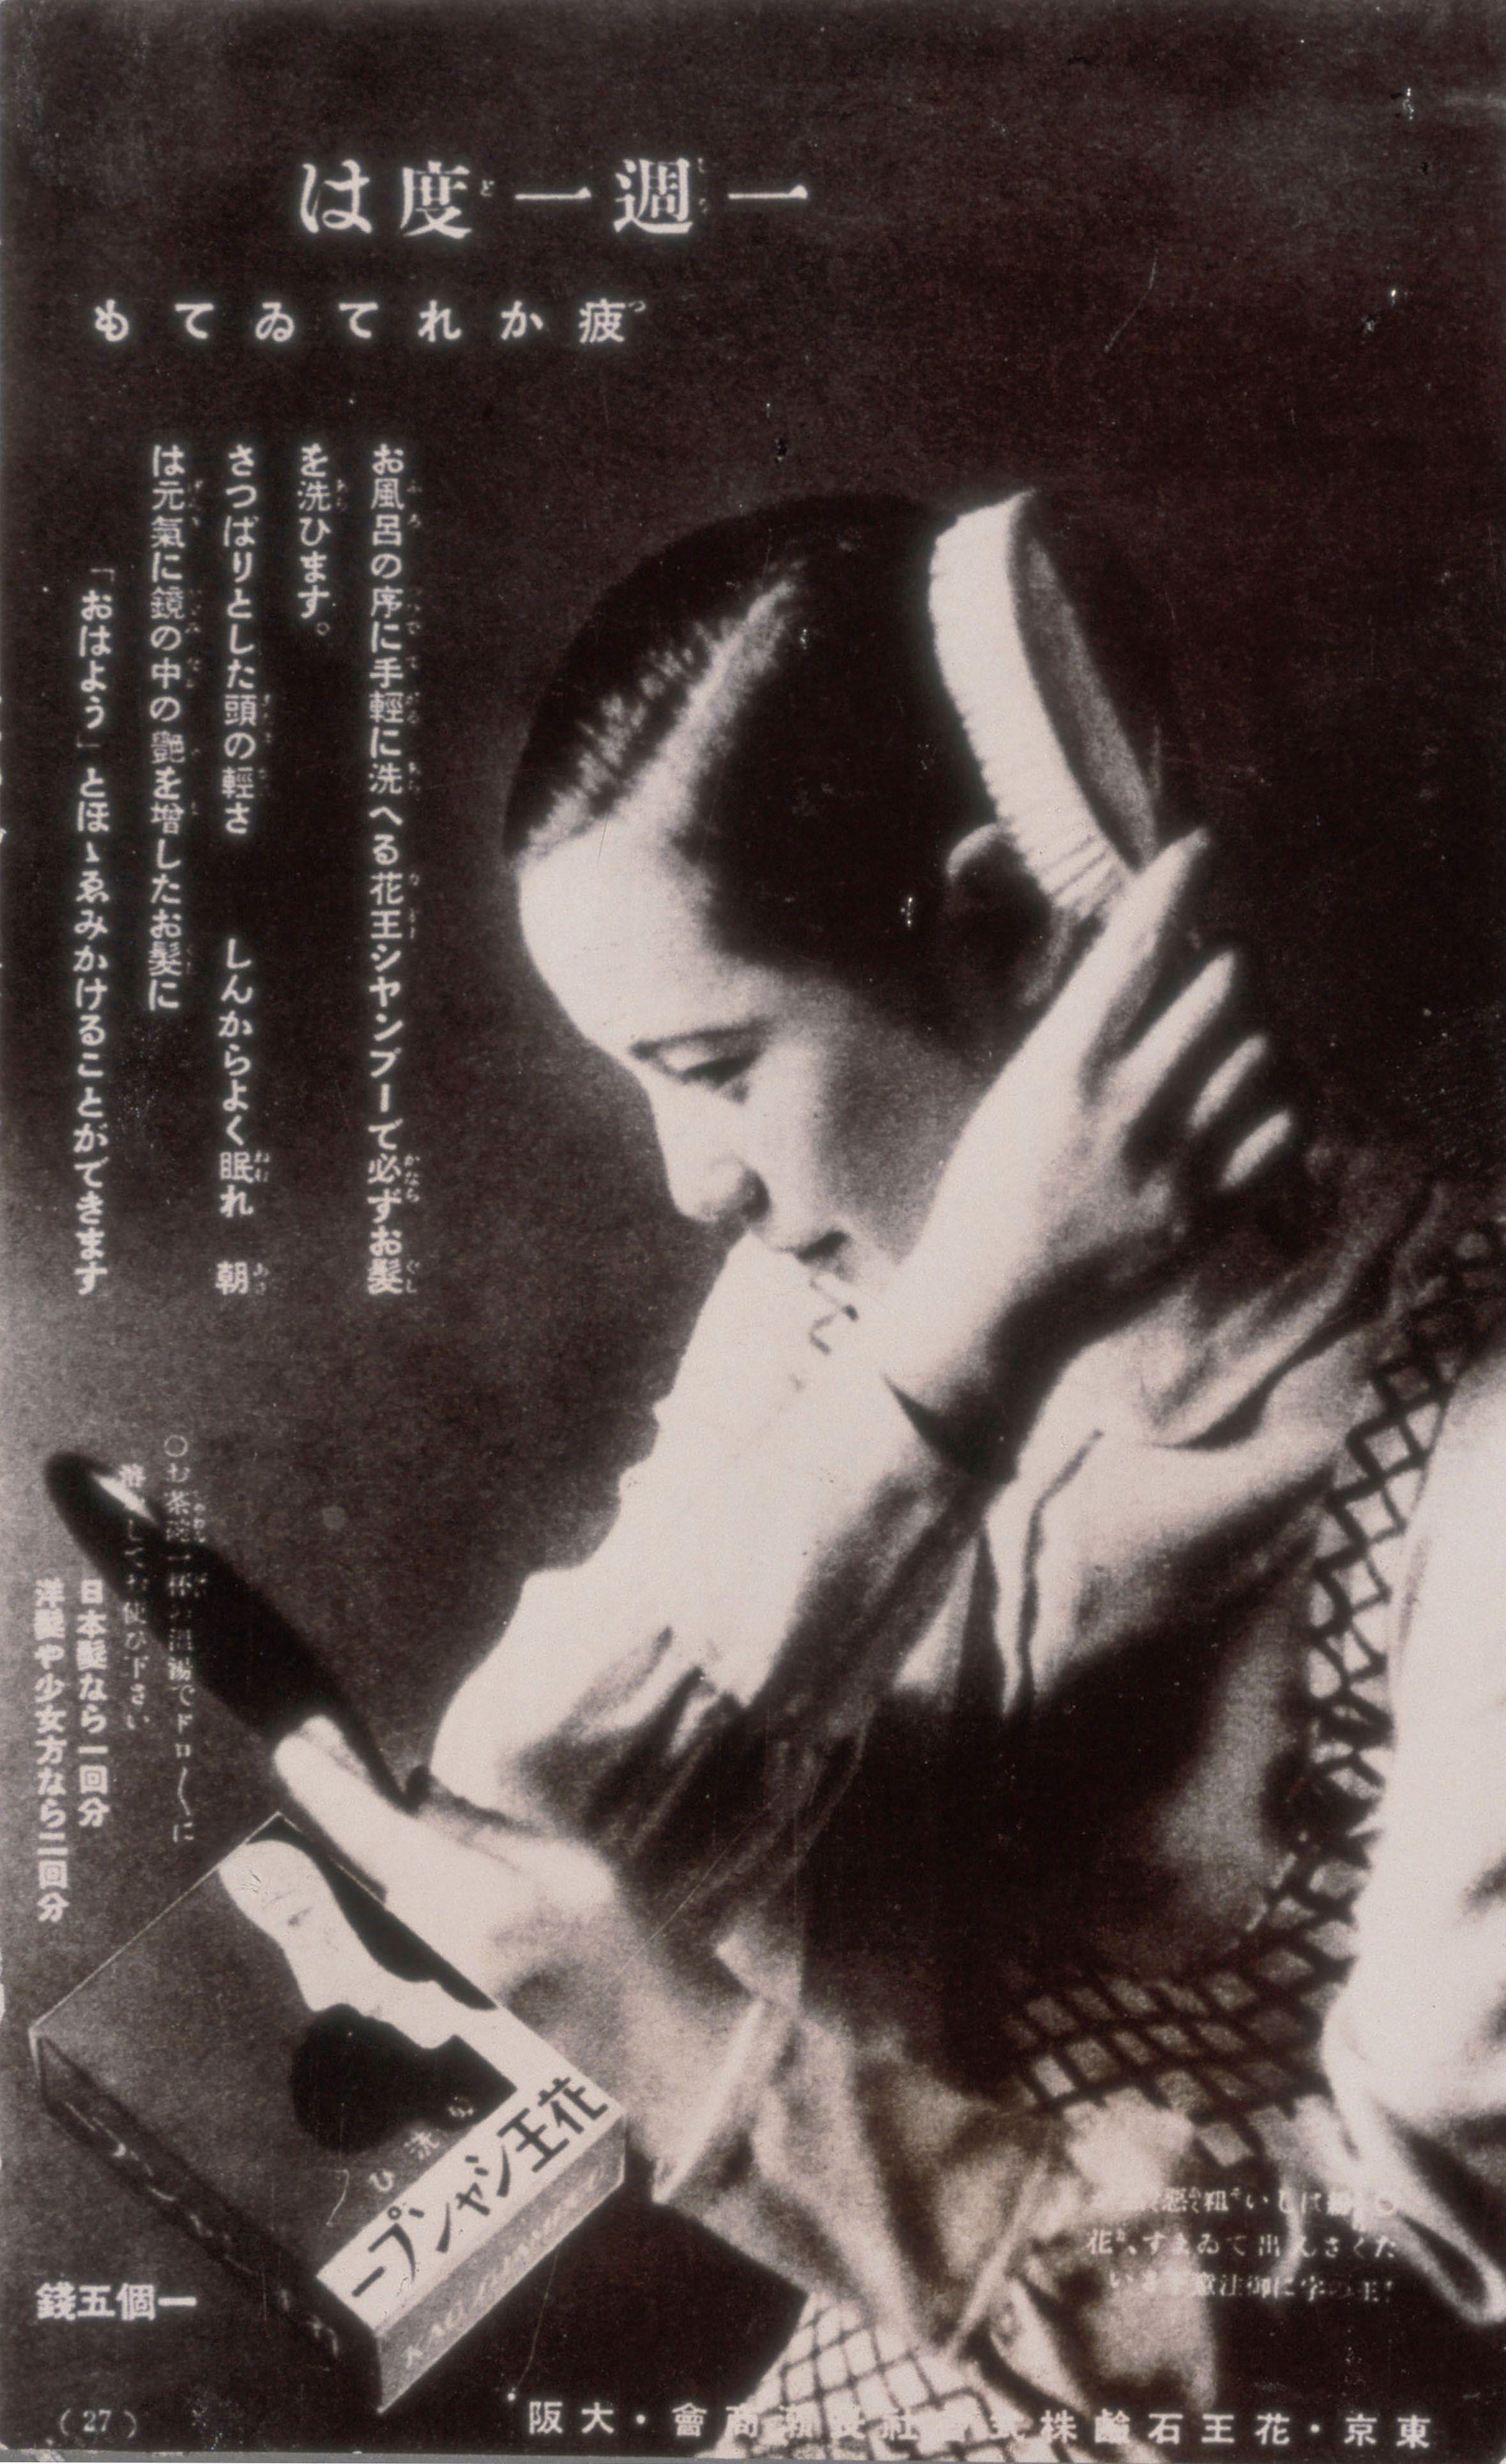 花王シャンプー広告 1935年(花王ミュージアム・資料室提供)